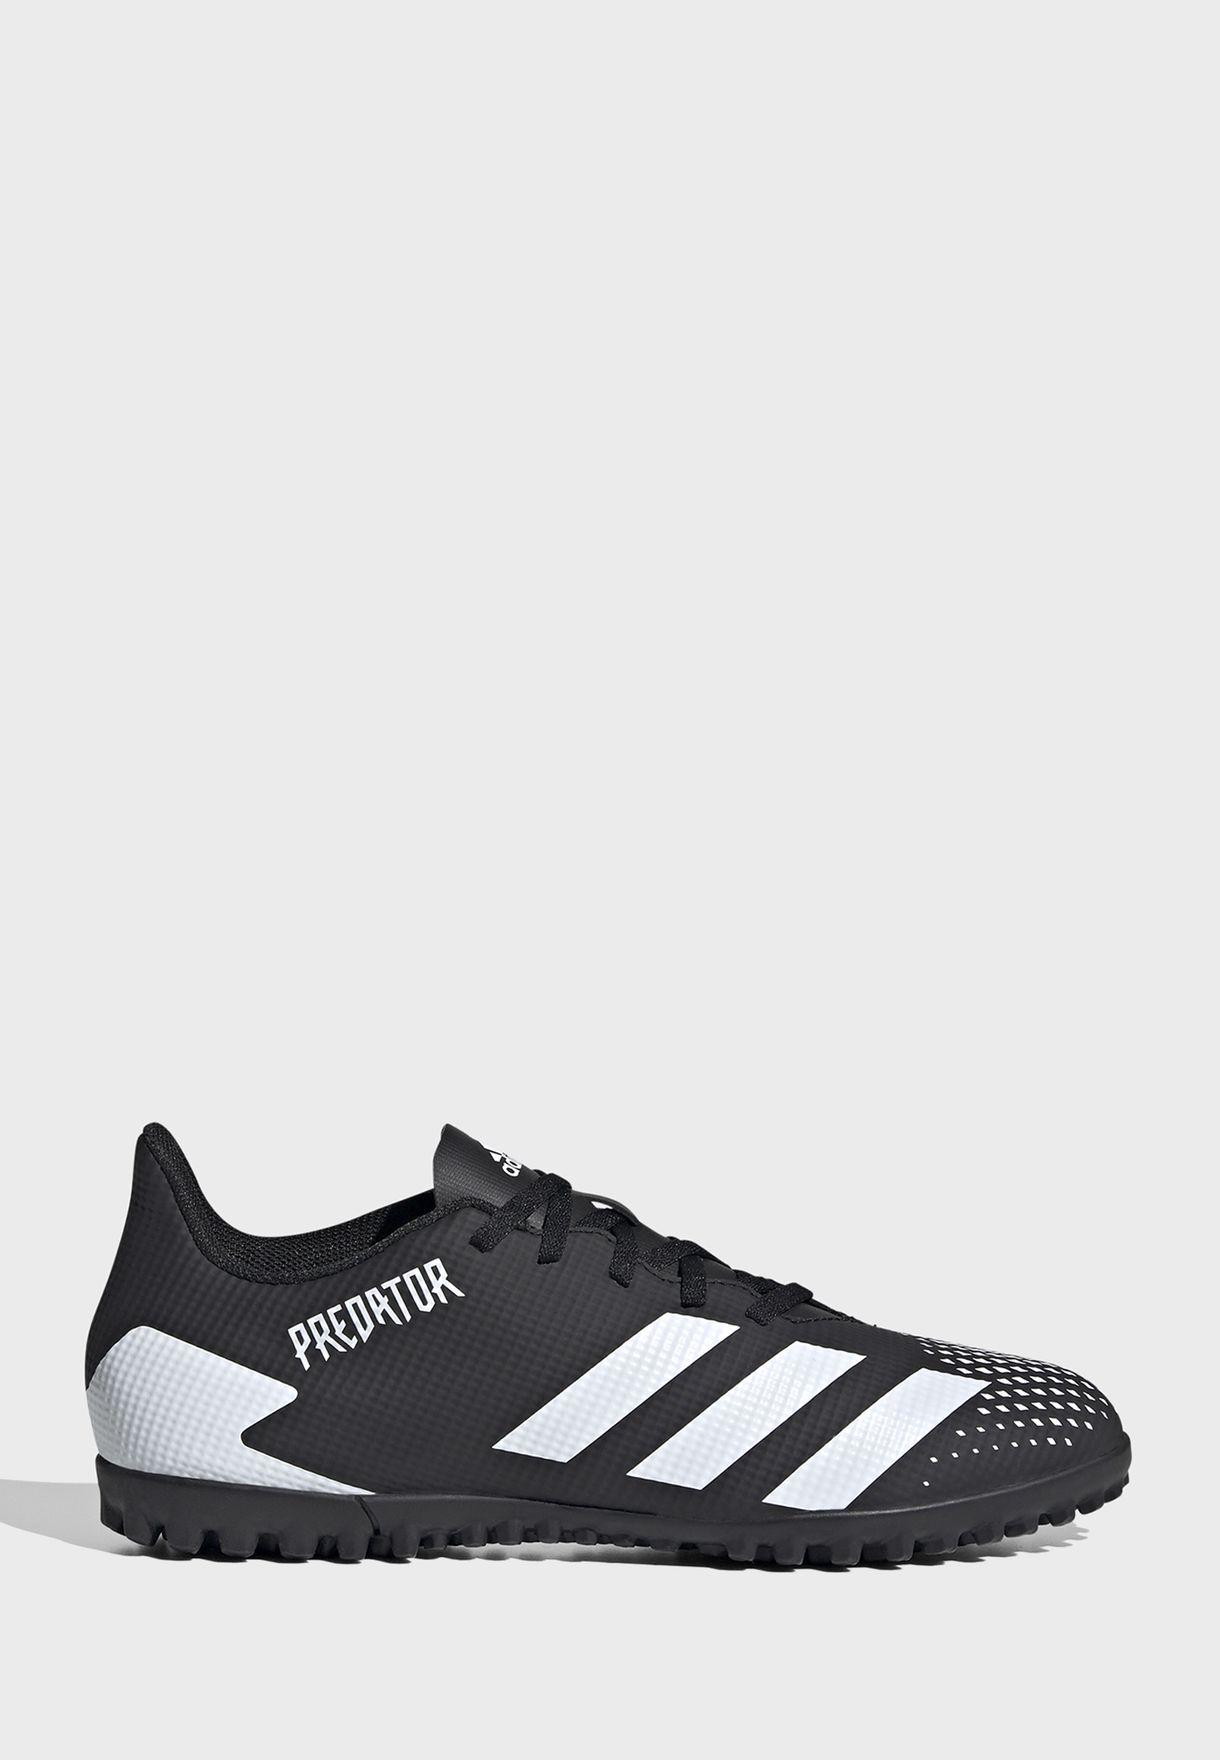 Predator 20.4 Football Soccer Men's Shoes Turf